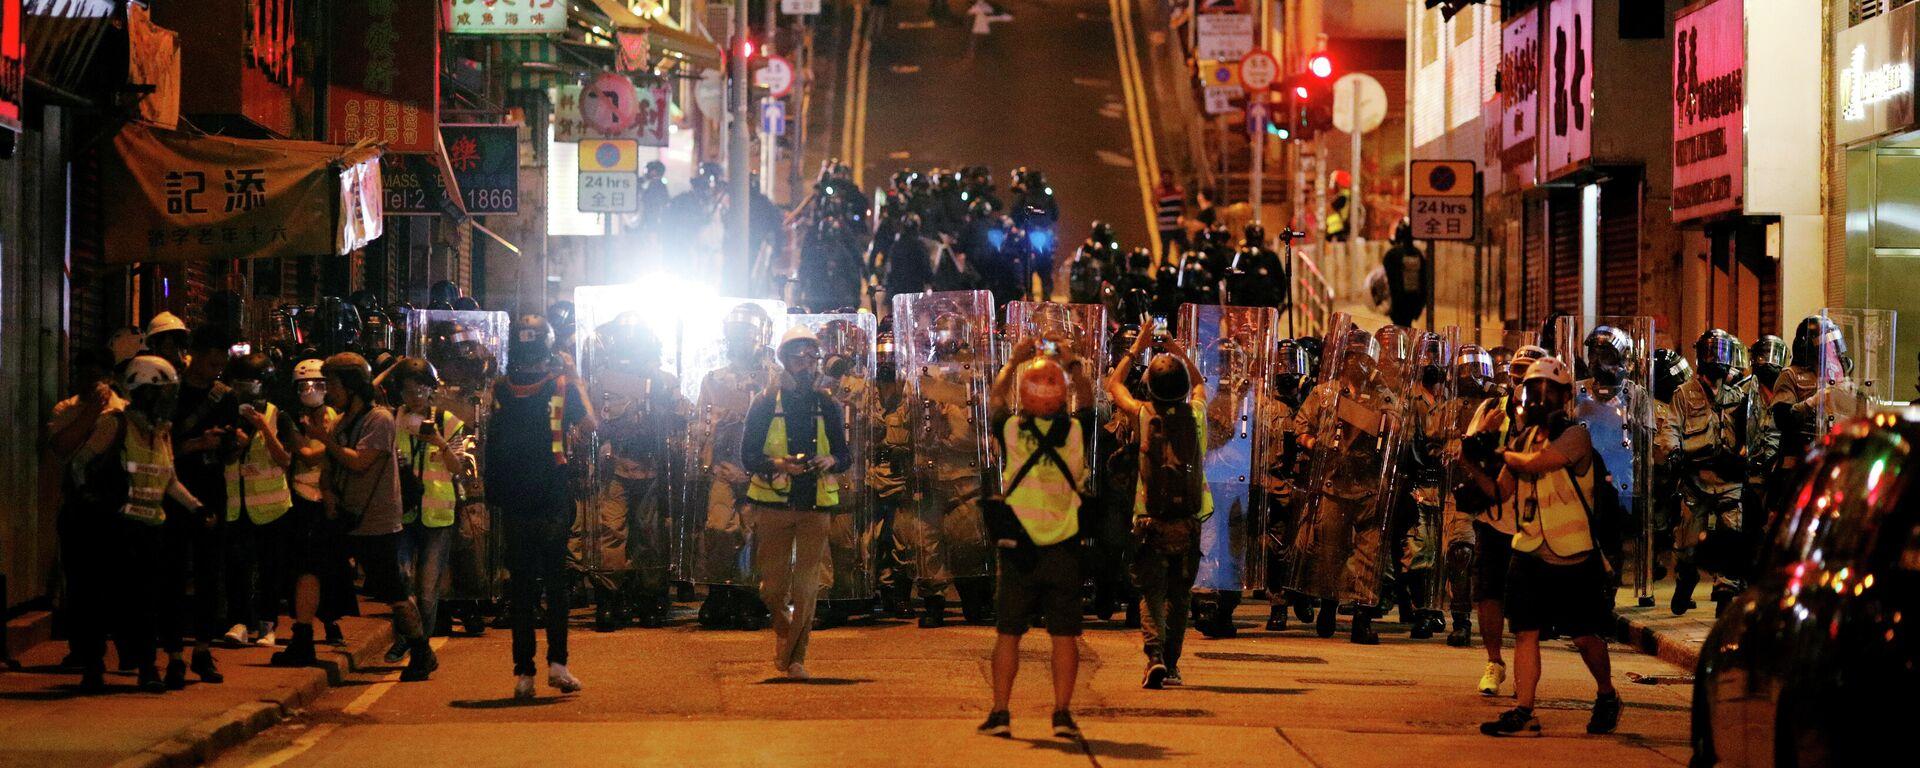 Proteste in Hongkong - SNA, 1920, 08.12.2020